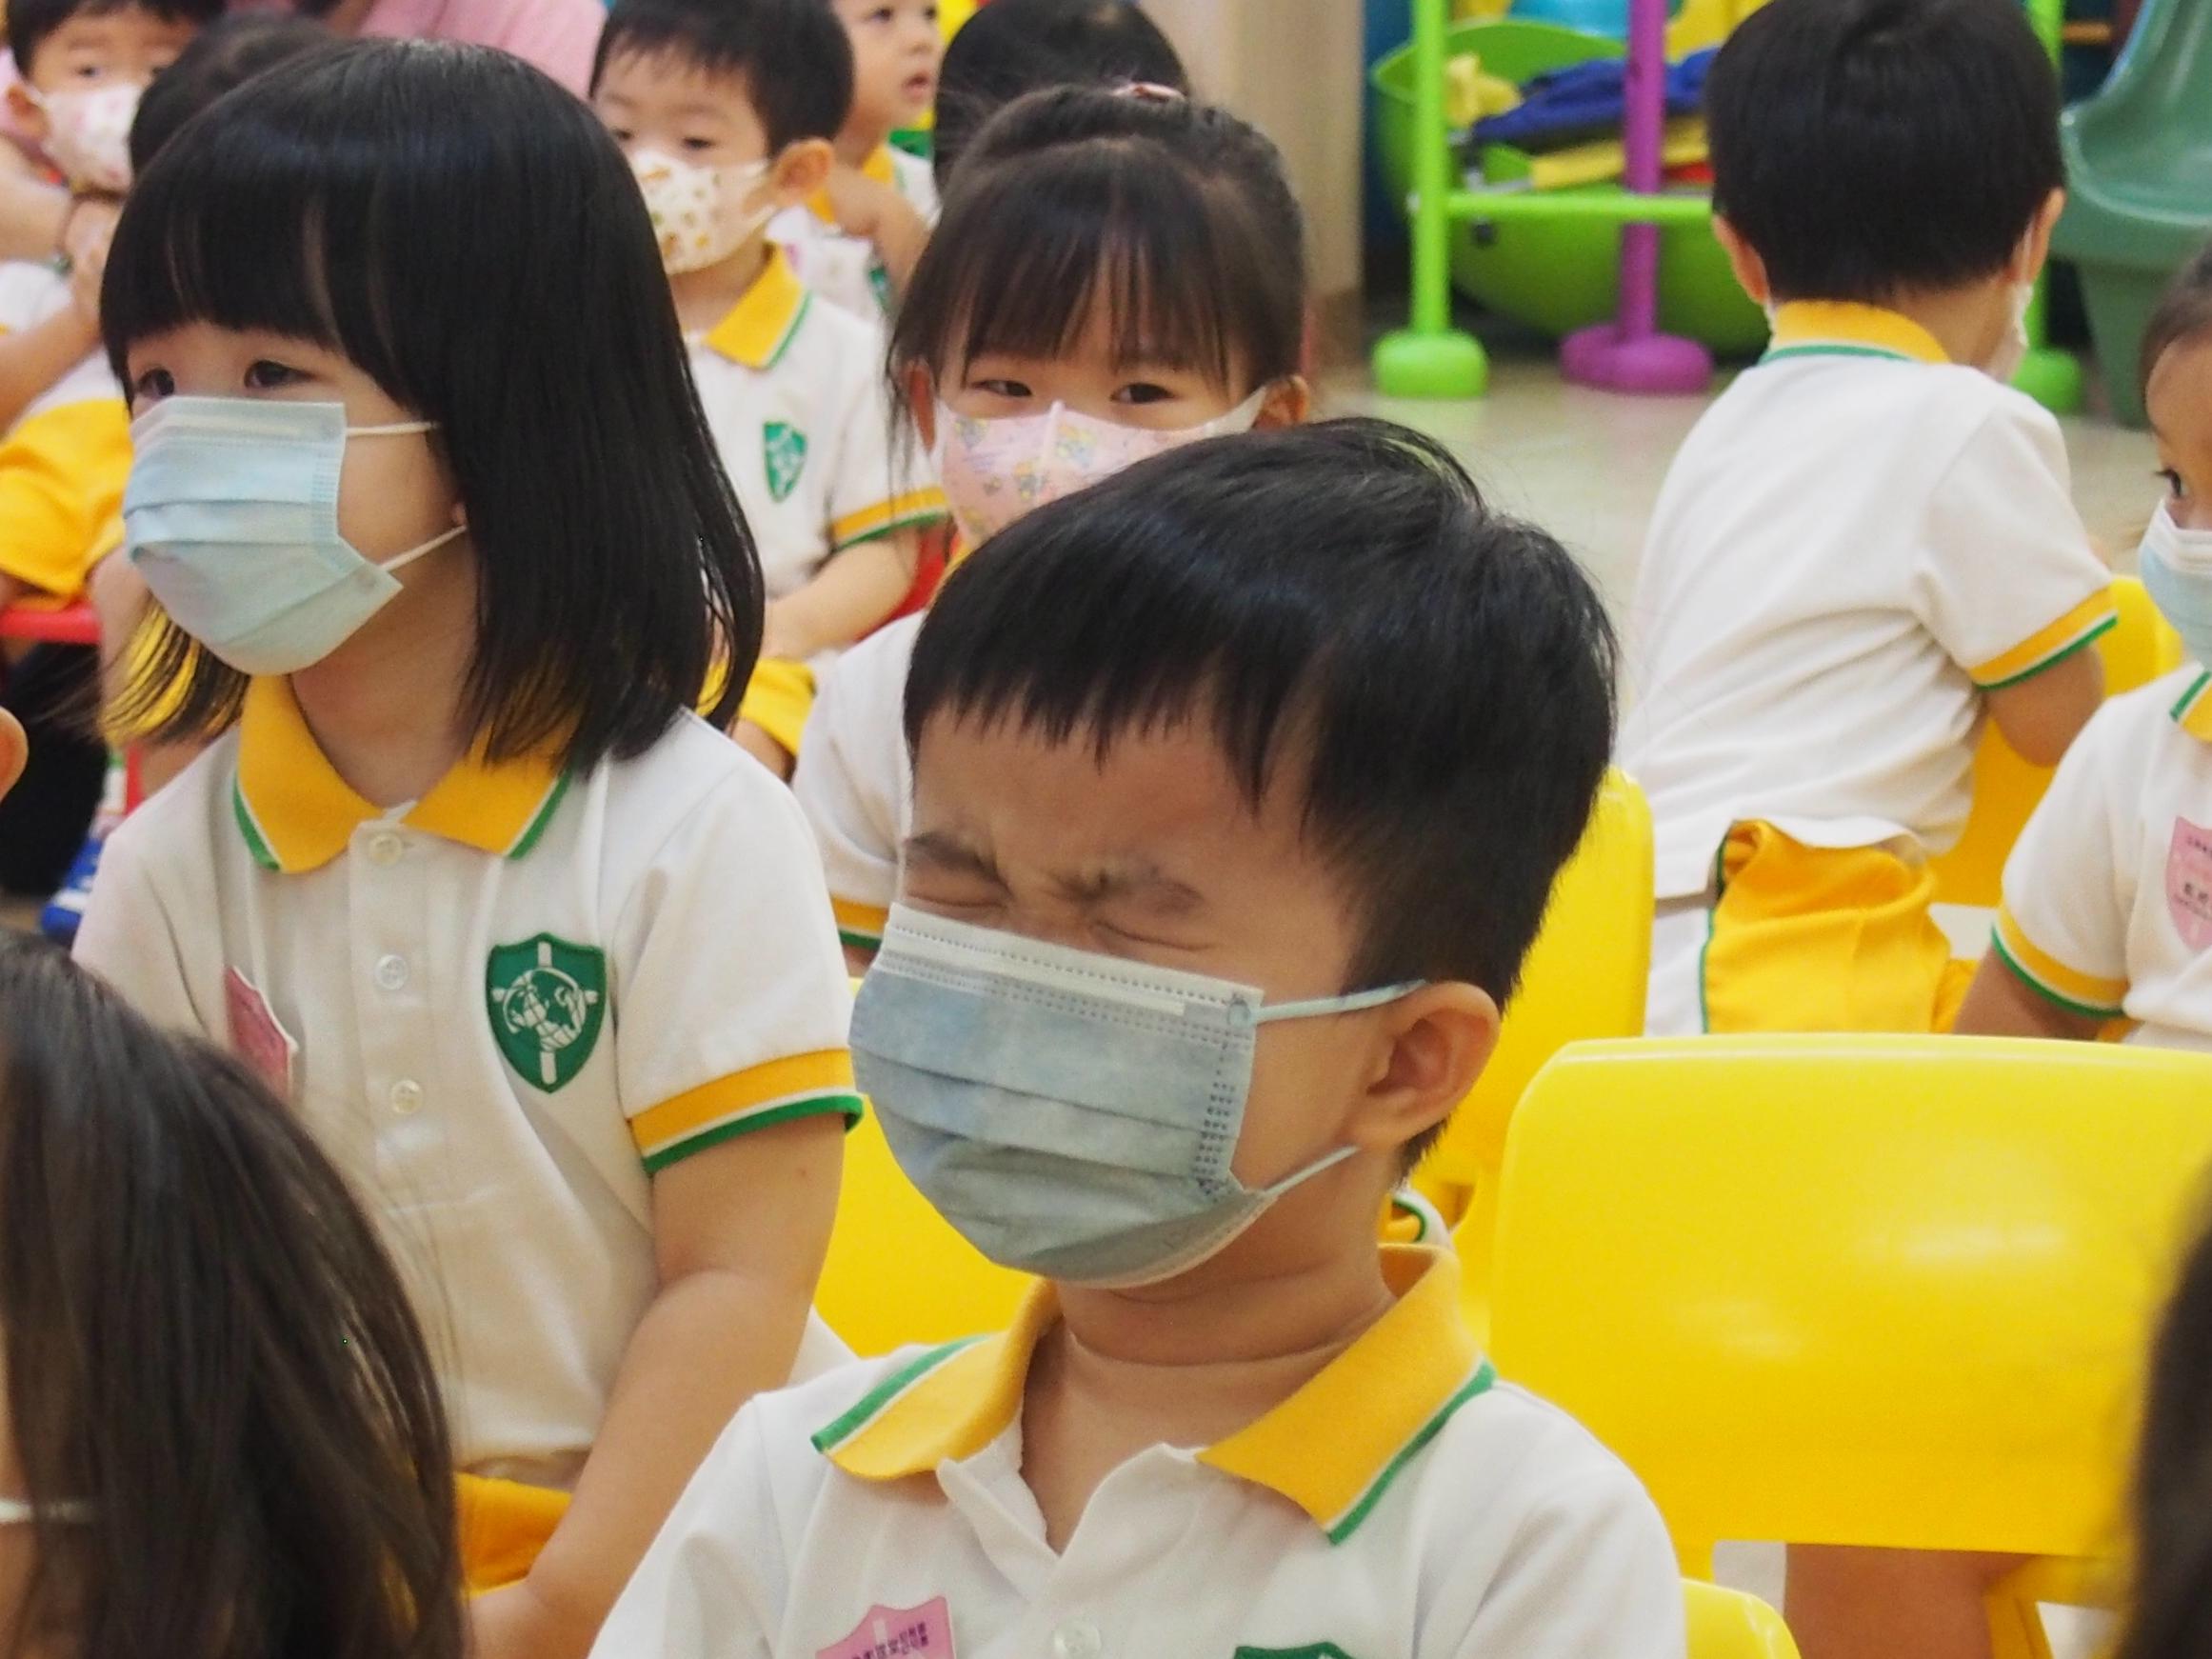 http://npmc.edu.hk/sites/default/files/p9240388a.jpg